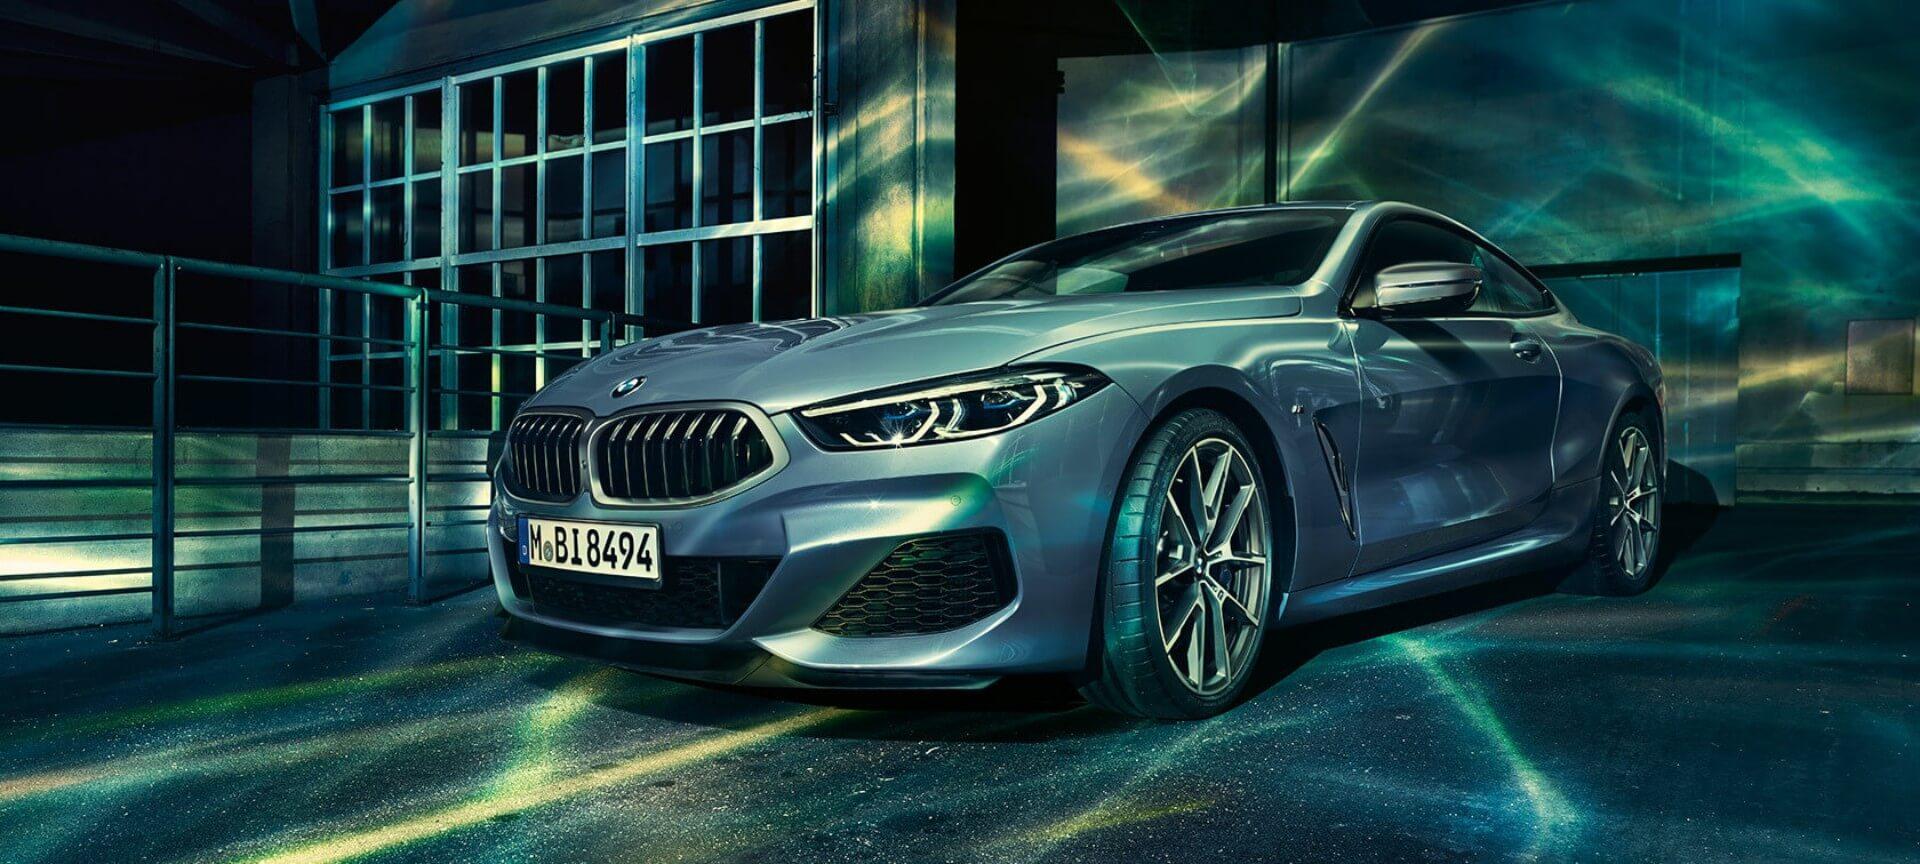 BMW, БМВ, Самые покупаемые автомобили в Covid-19, ТОП авто, Какие автомобили украинцы покупают чаще всего на карантине